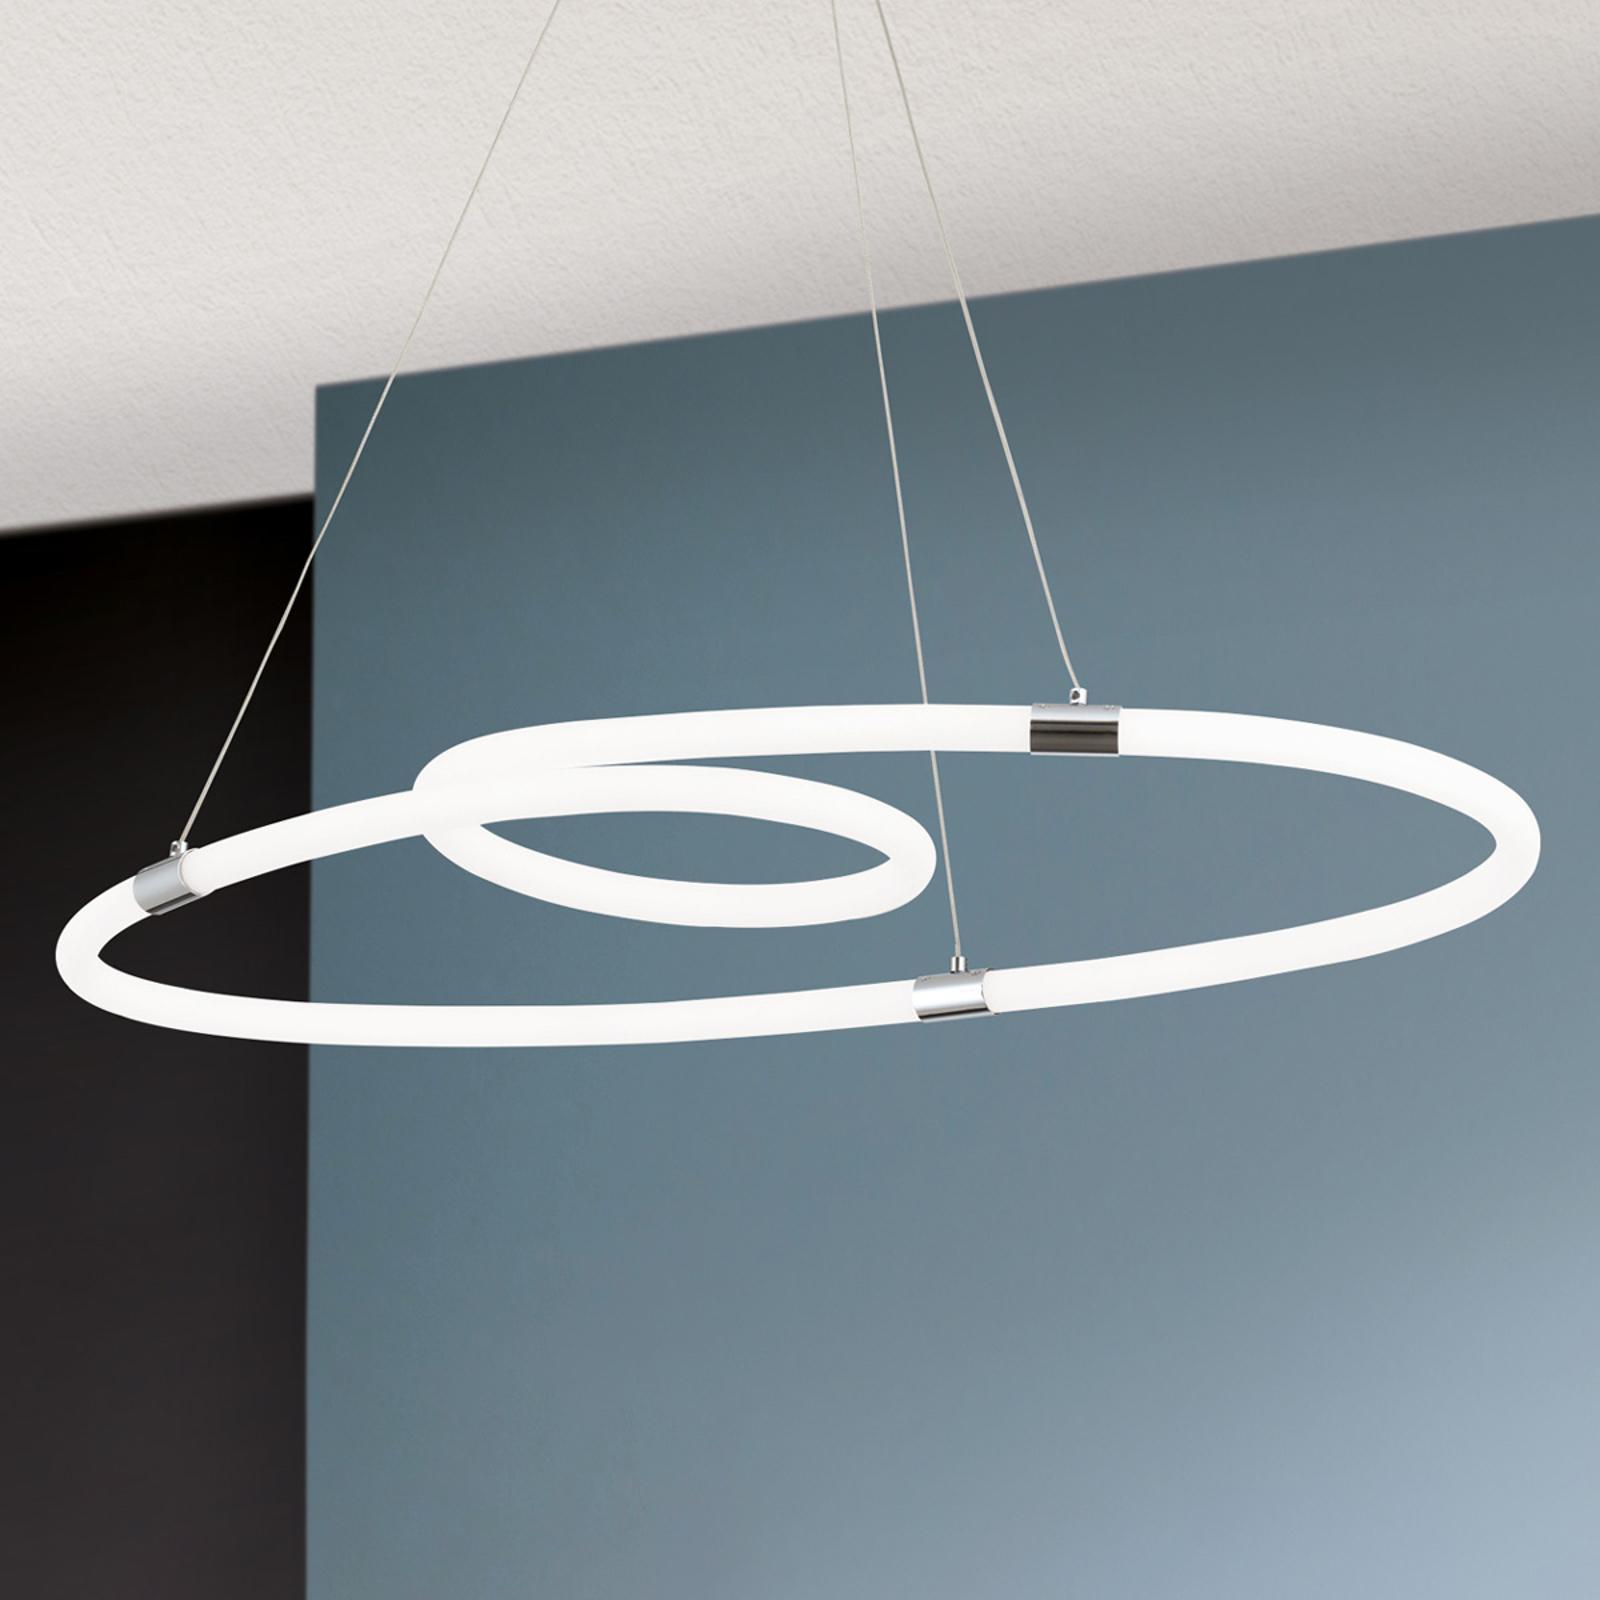 LED hanglamp Karlsson, dimbaar